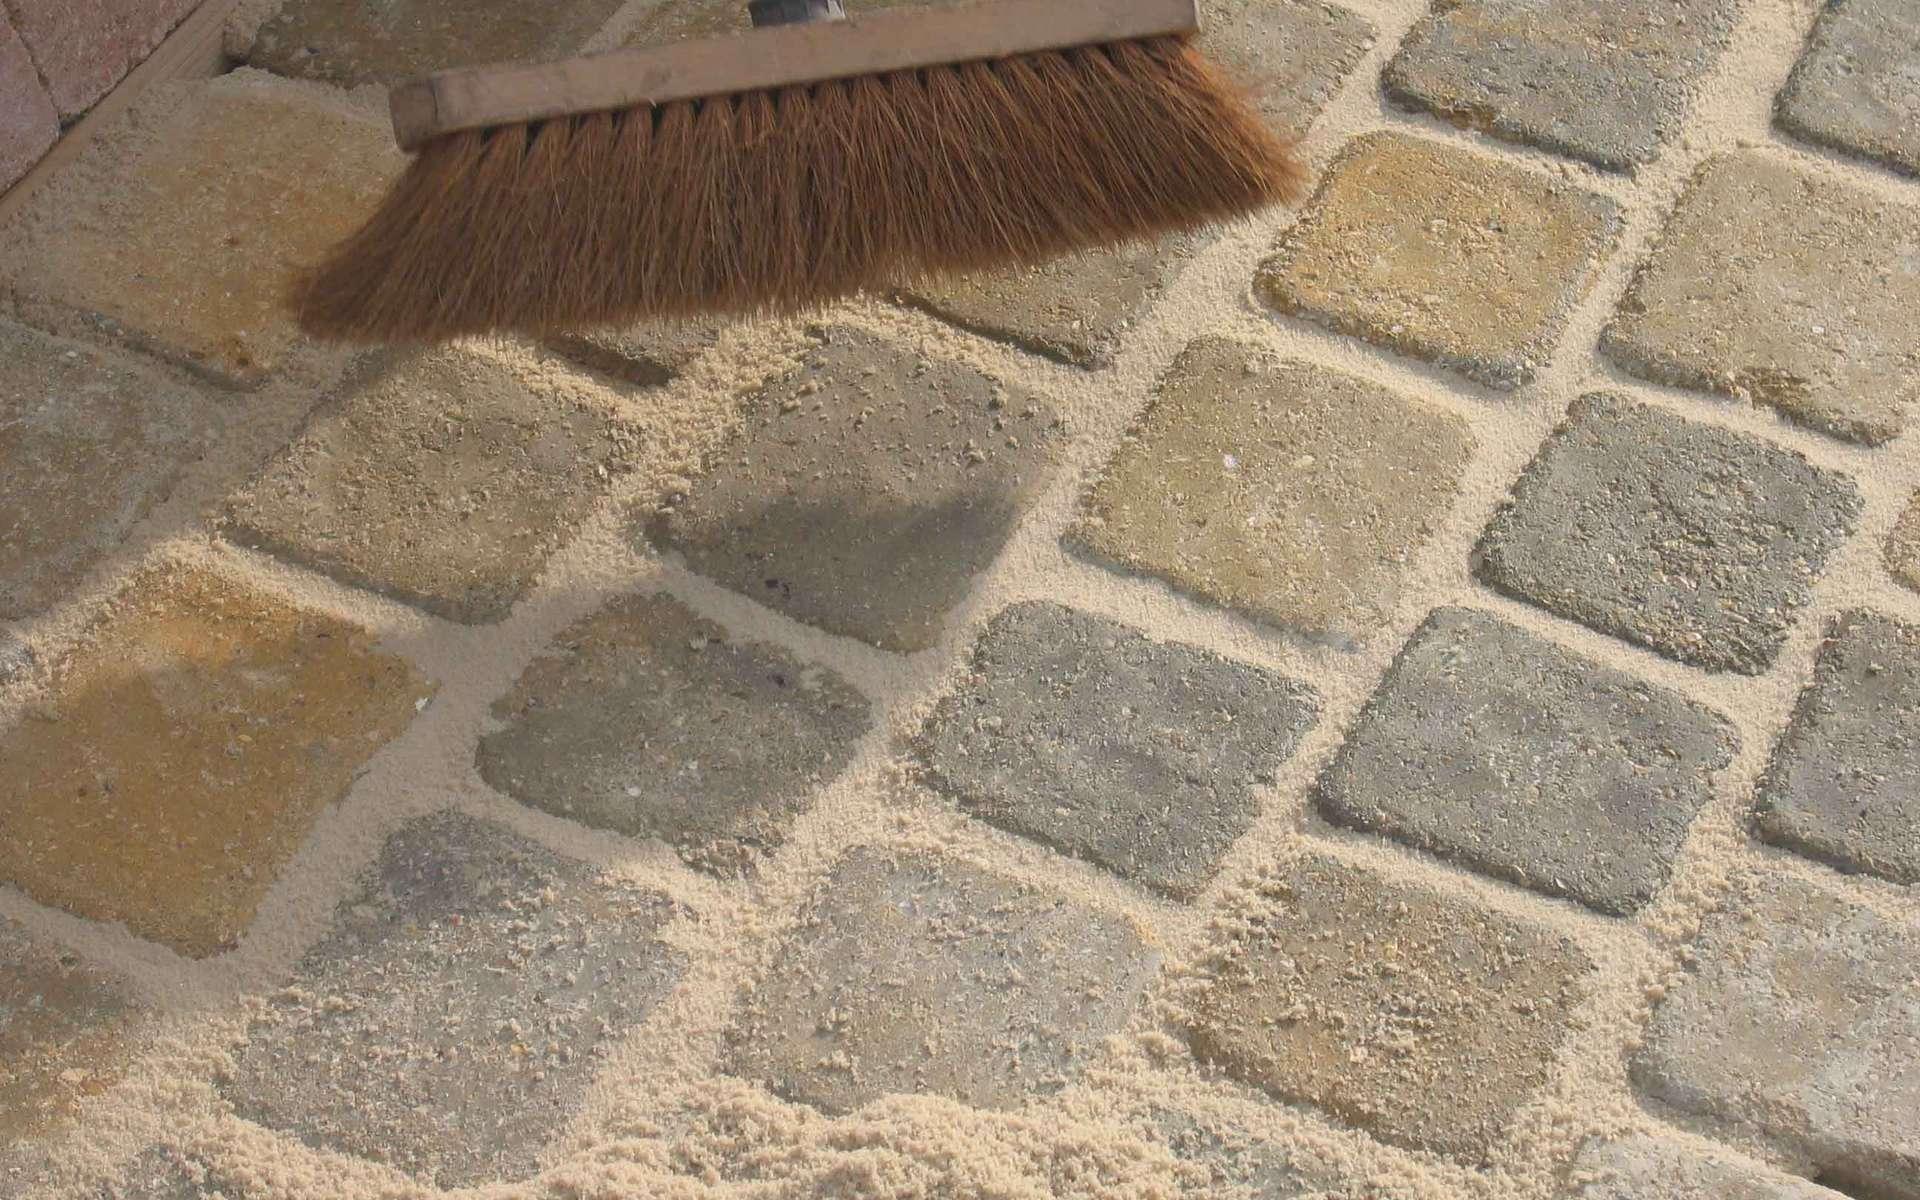 La norme NF EN 1338 régit la pose des pavés en béton, la norme NF EN 1339 celle des dalles. L'appareillage peut se faire de différentes façons : à joints droits, à joints alternés (photo), en opus romain, etc. © Marlux France